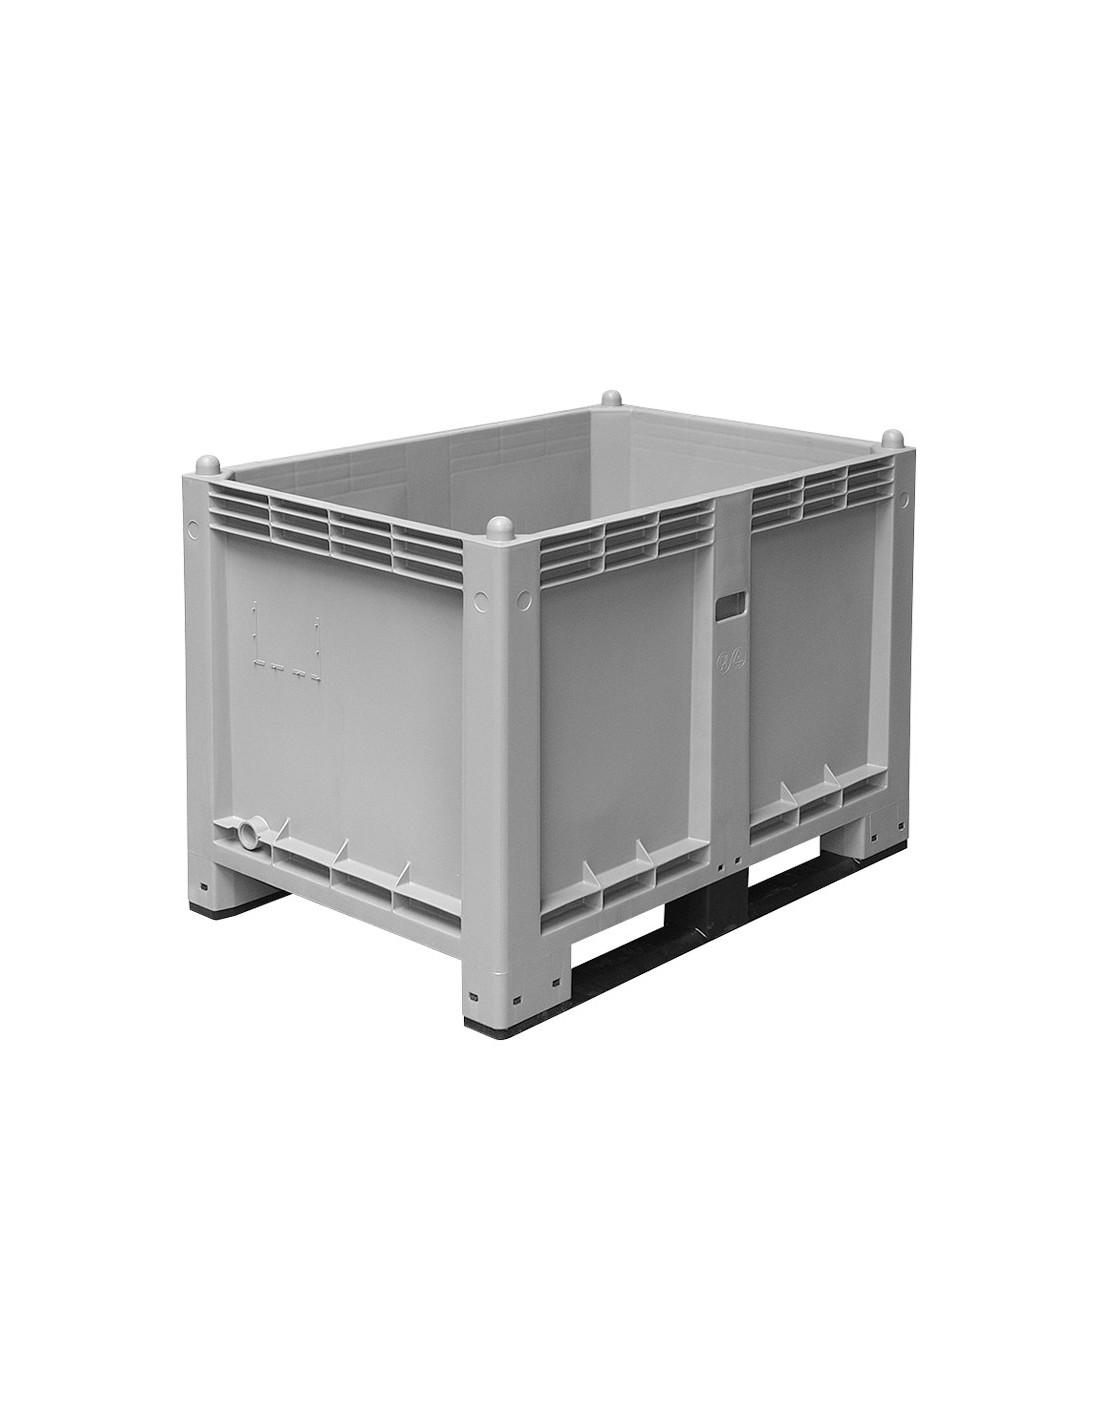 800 x 1200 mm, Großbox mit Kufen, flüssigkeitsdicht